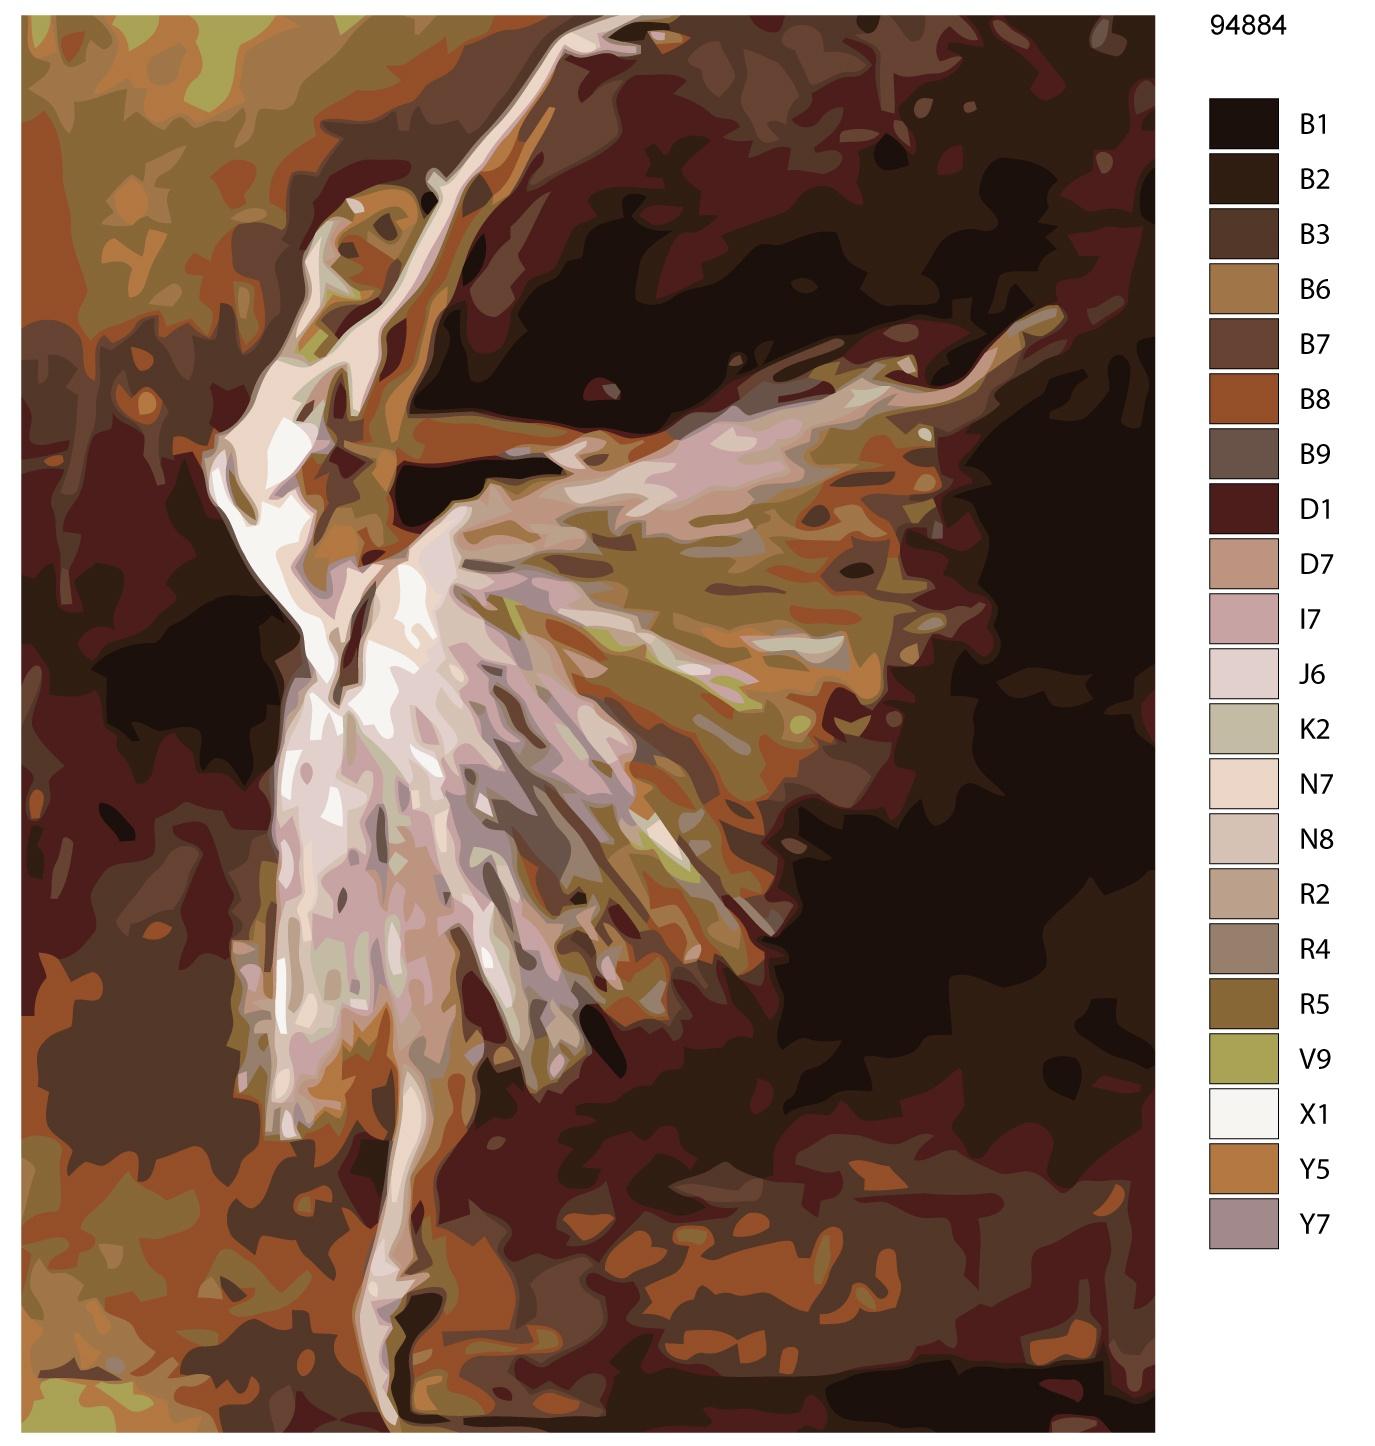 Картина по номерам, 80 x 100 см, KTMK-94884 c s lewis the complete c s lewis signature classics